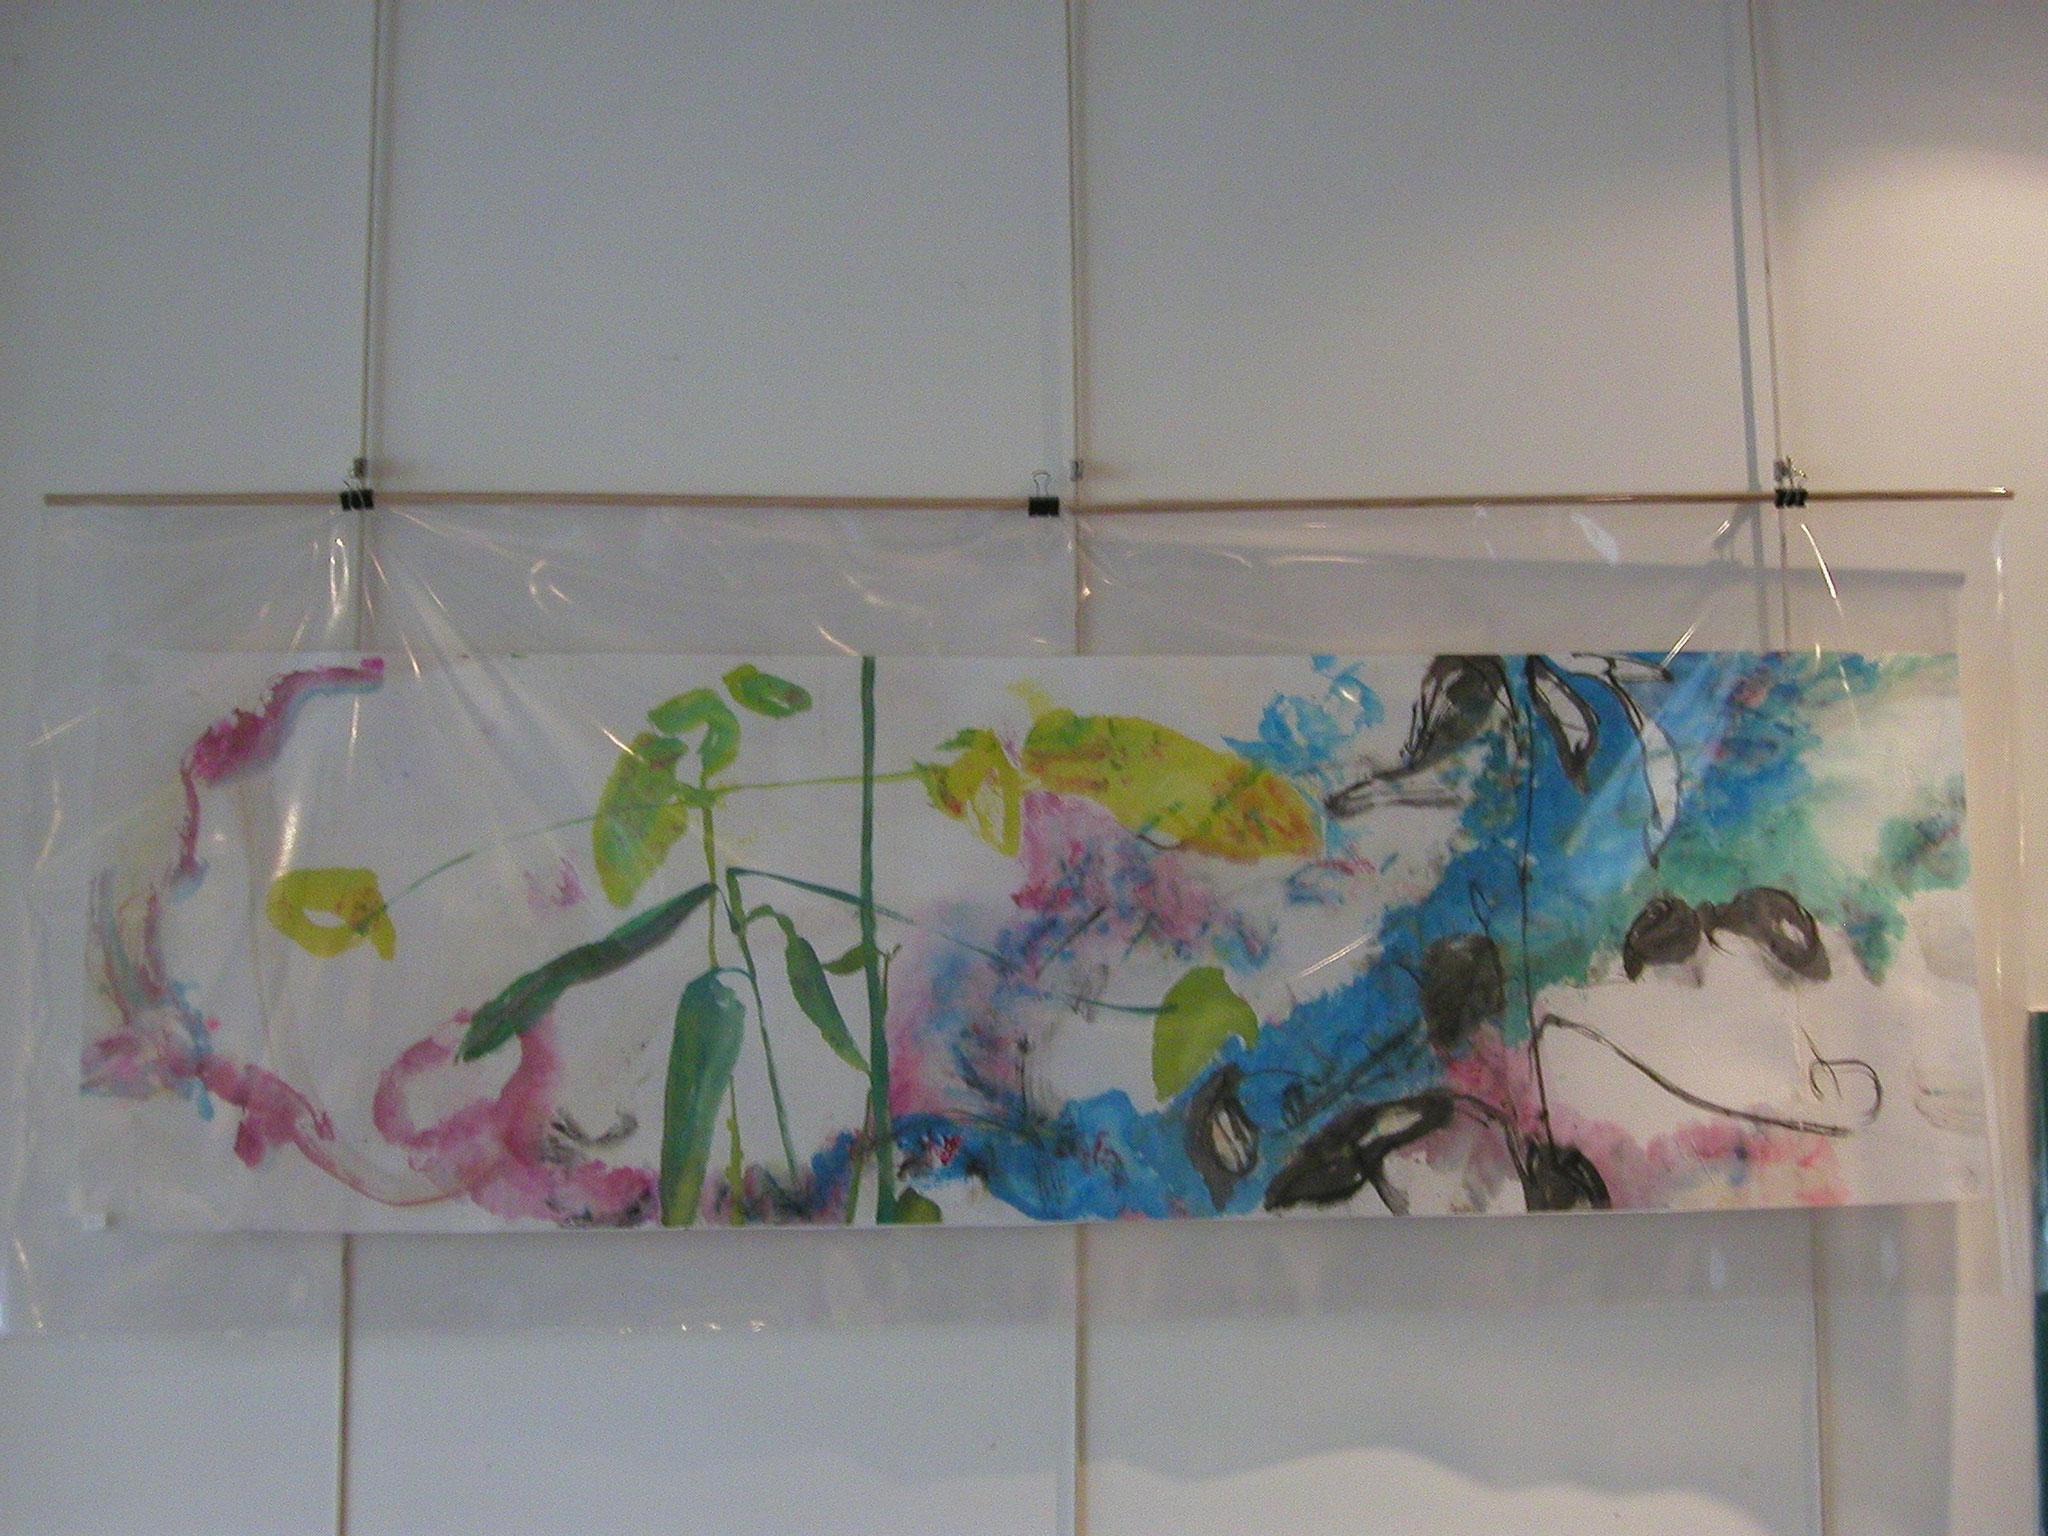 Aquarelle sur papier chinois. 0,50 x 1,30m